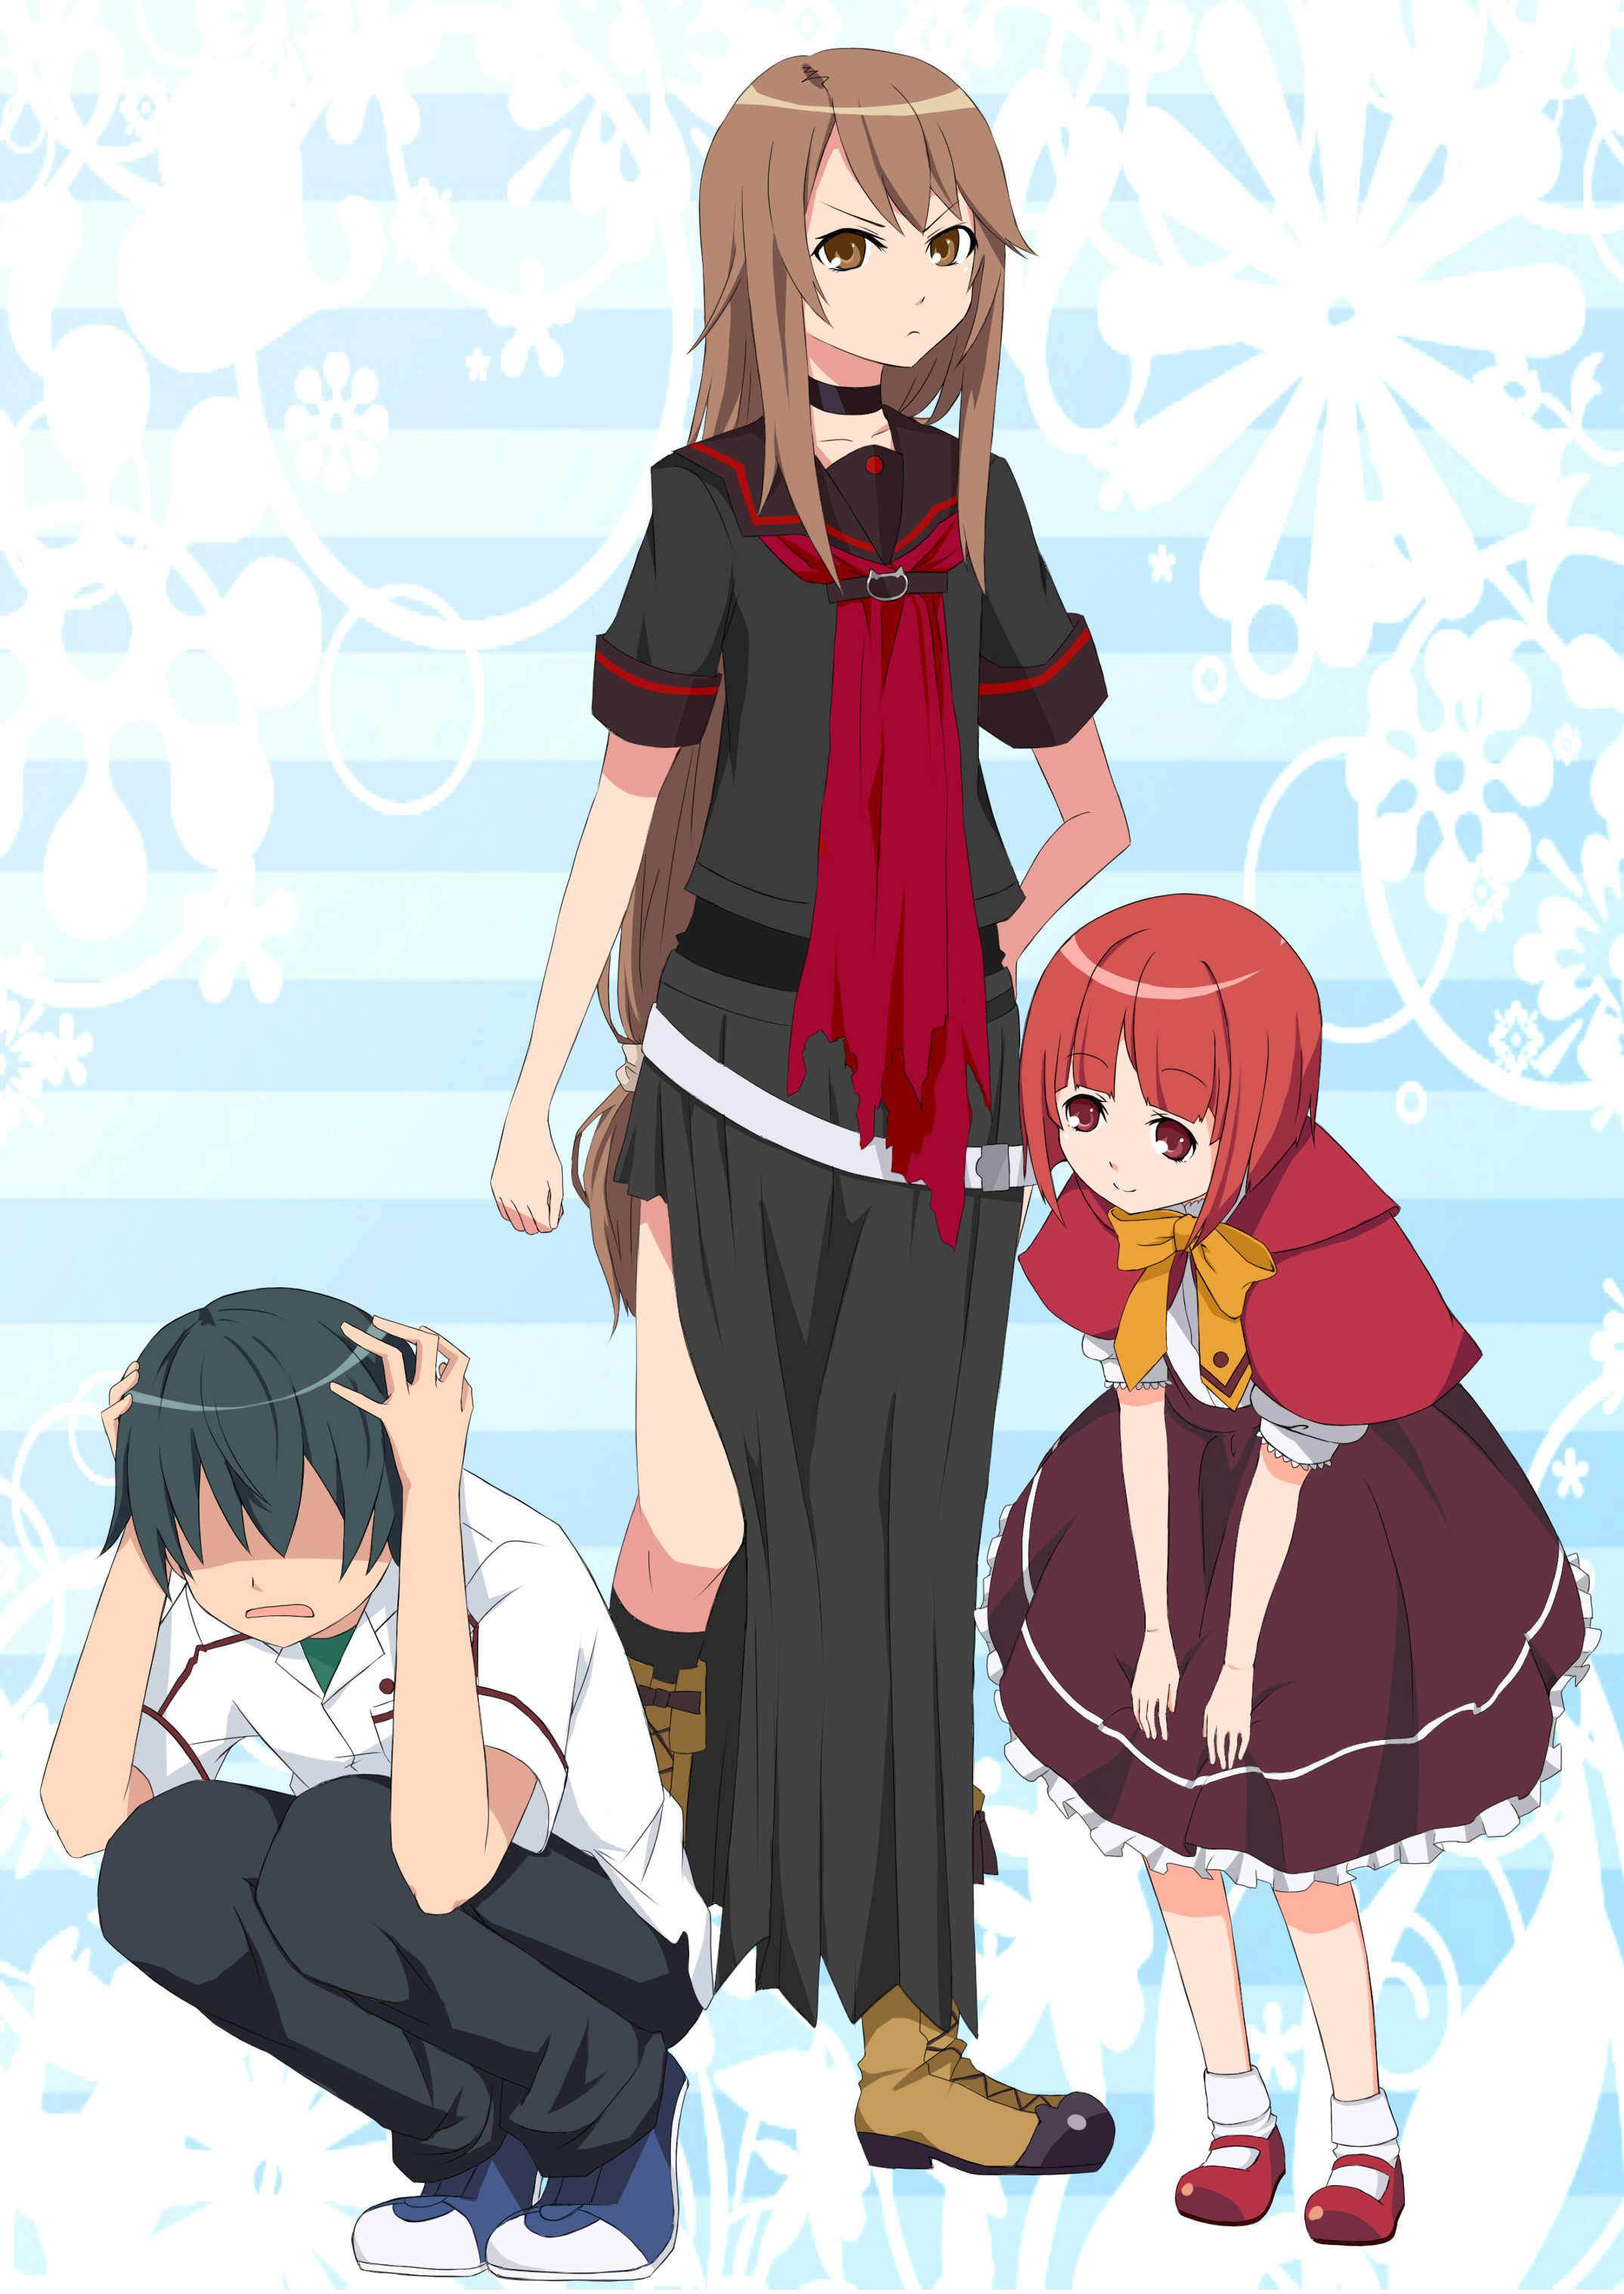 Ookami-san to Shichinin no Nakama-tachi/#233757 - ZerochanOokami San To Shichinin No Nakama Tachi Characters